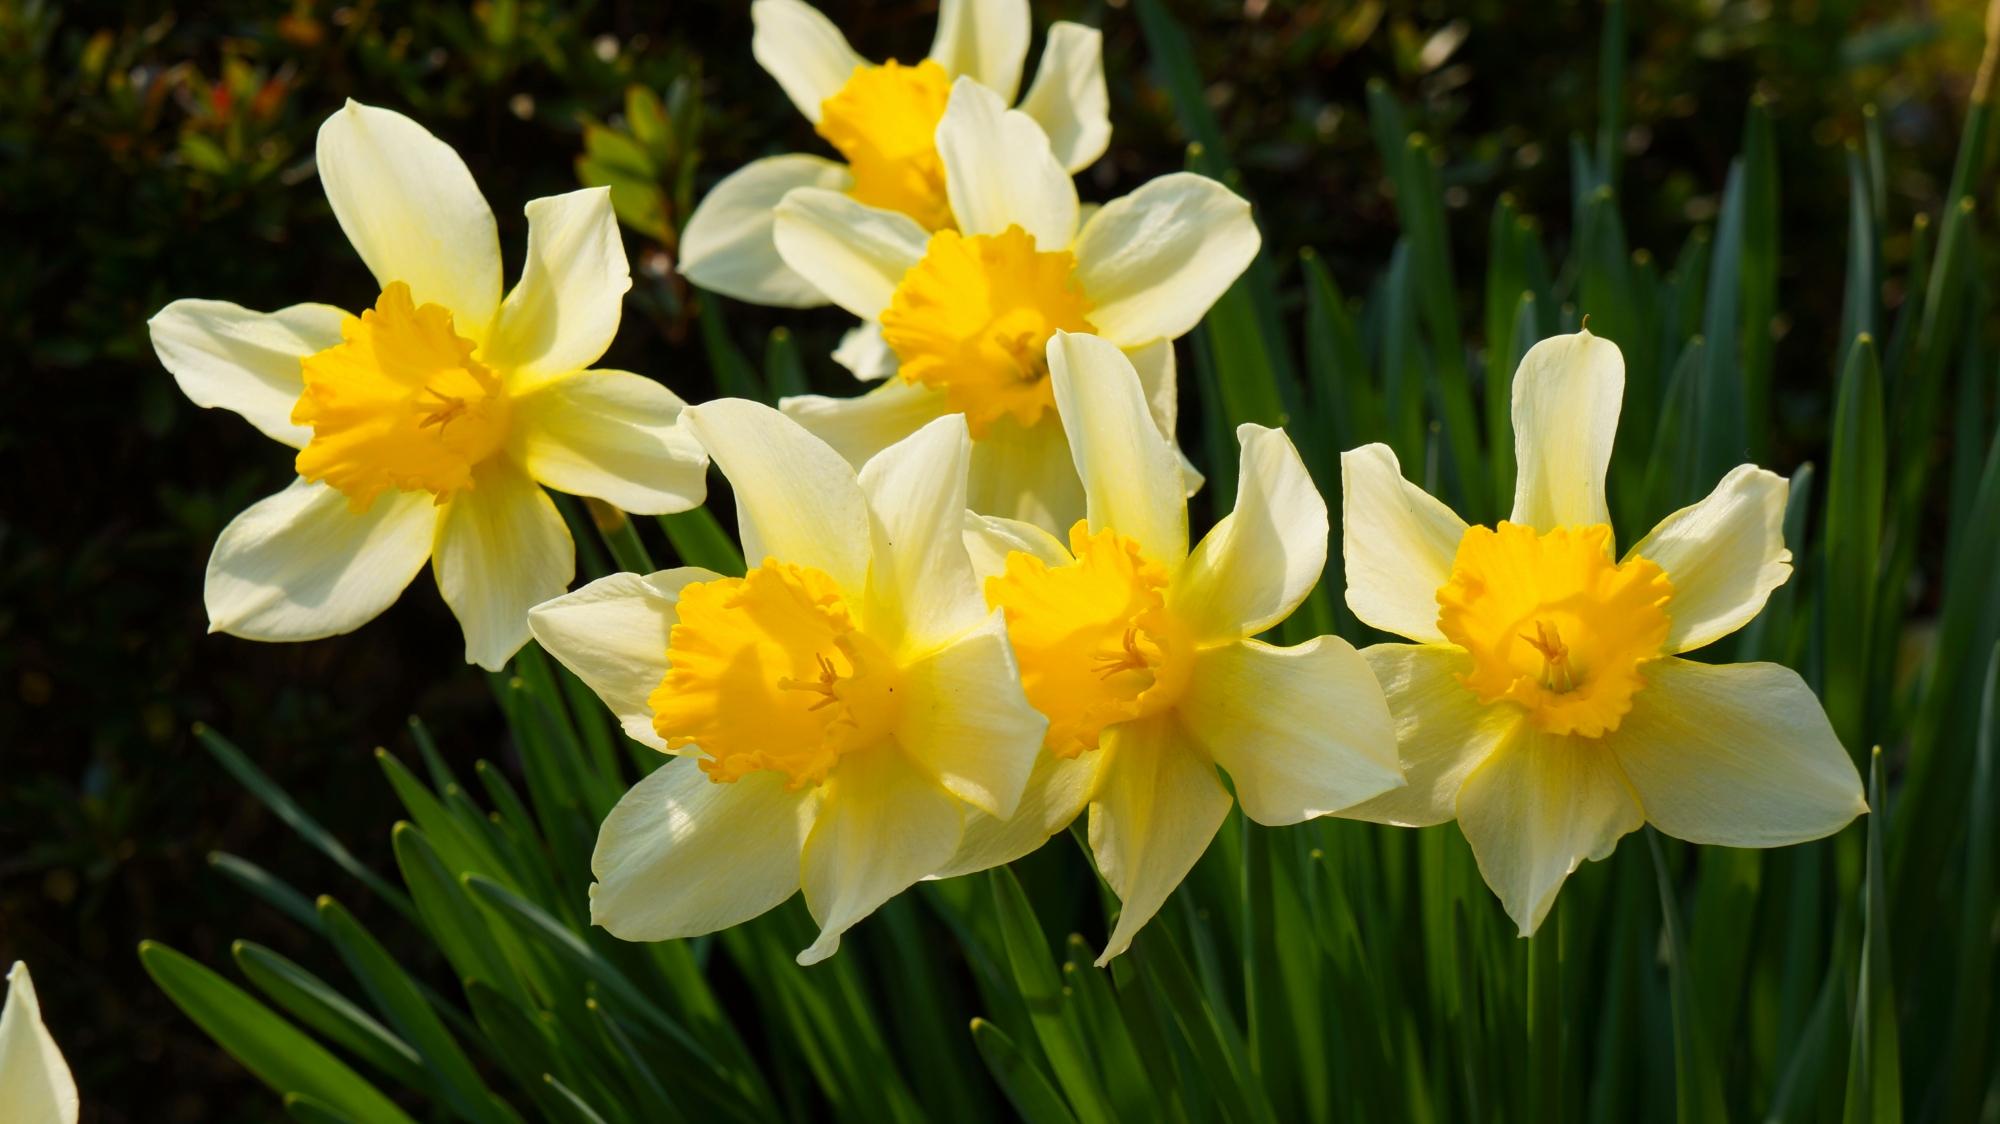 花の寺の善峯寺に咲くラッパスイセン